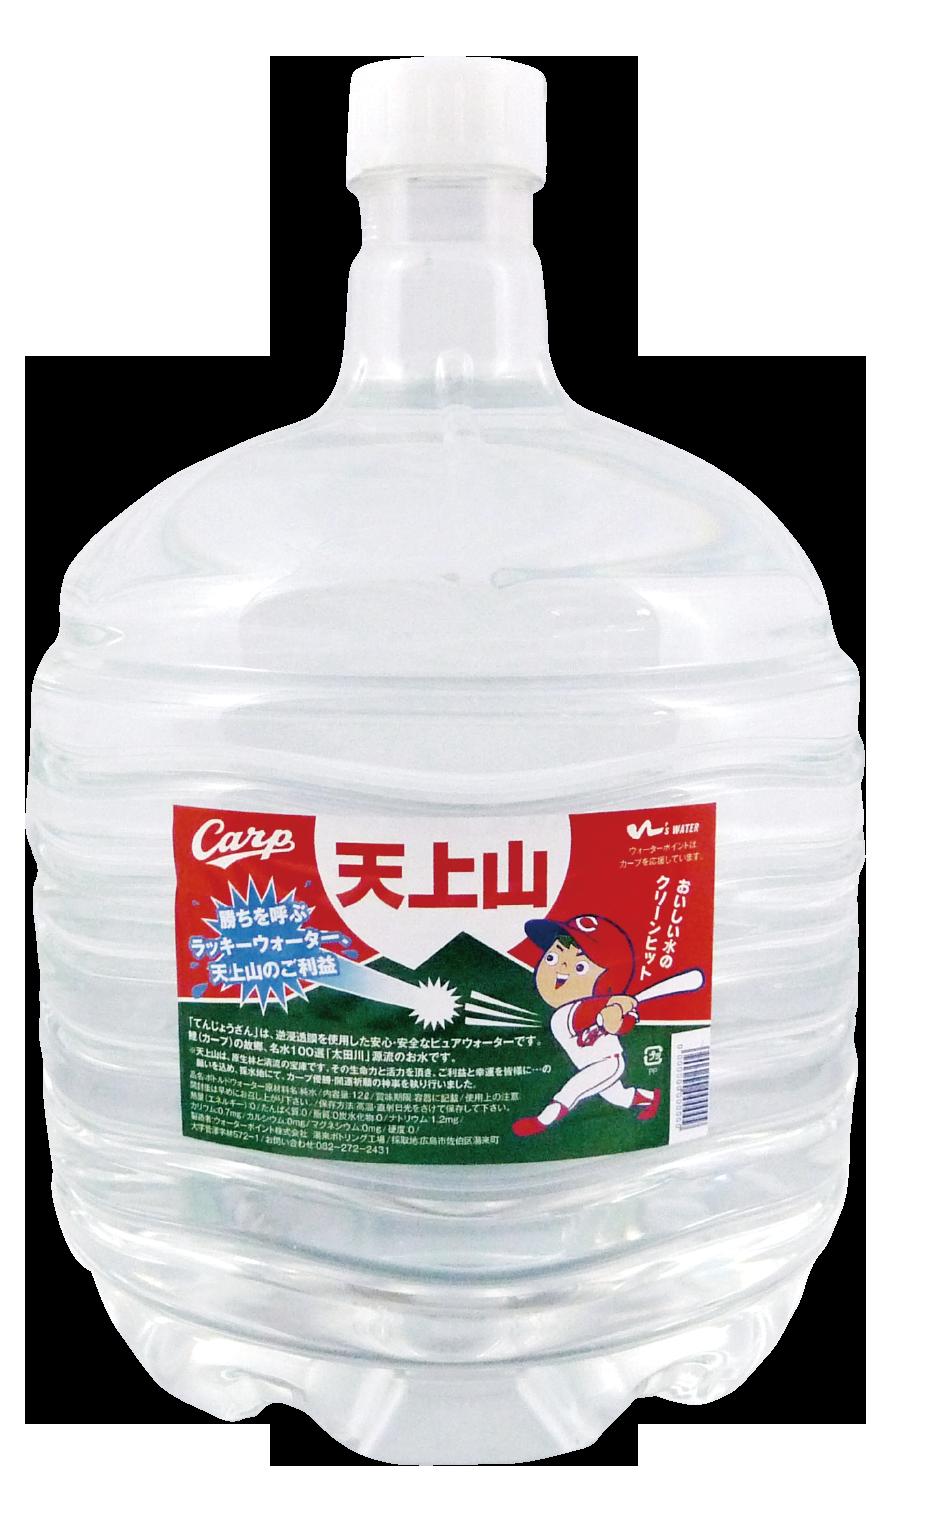 カープ応援水「天上山」12リットルボトル